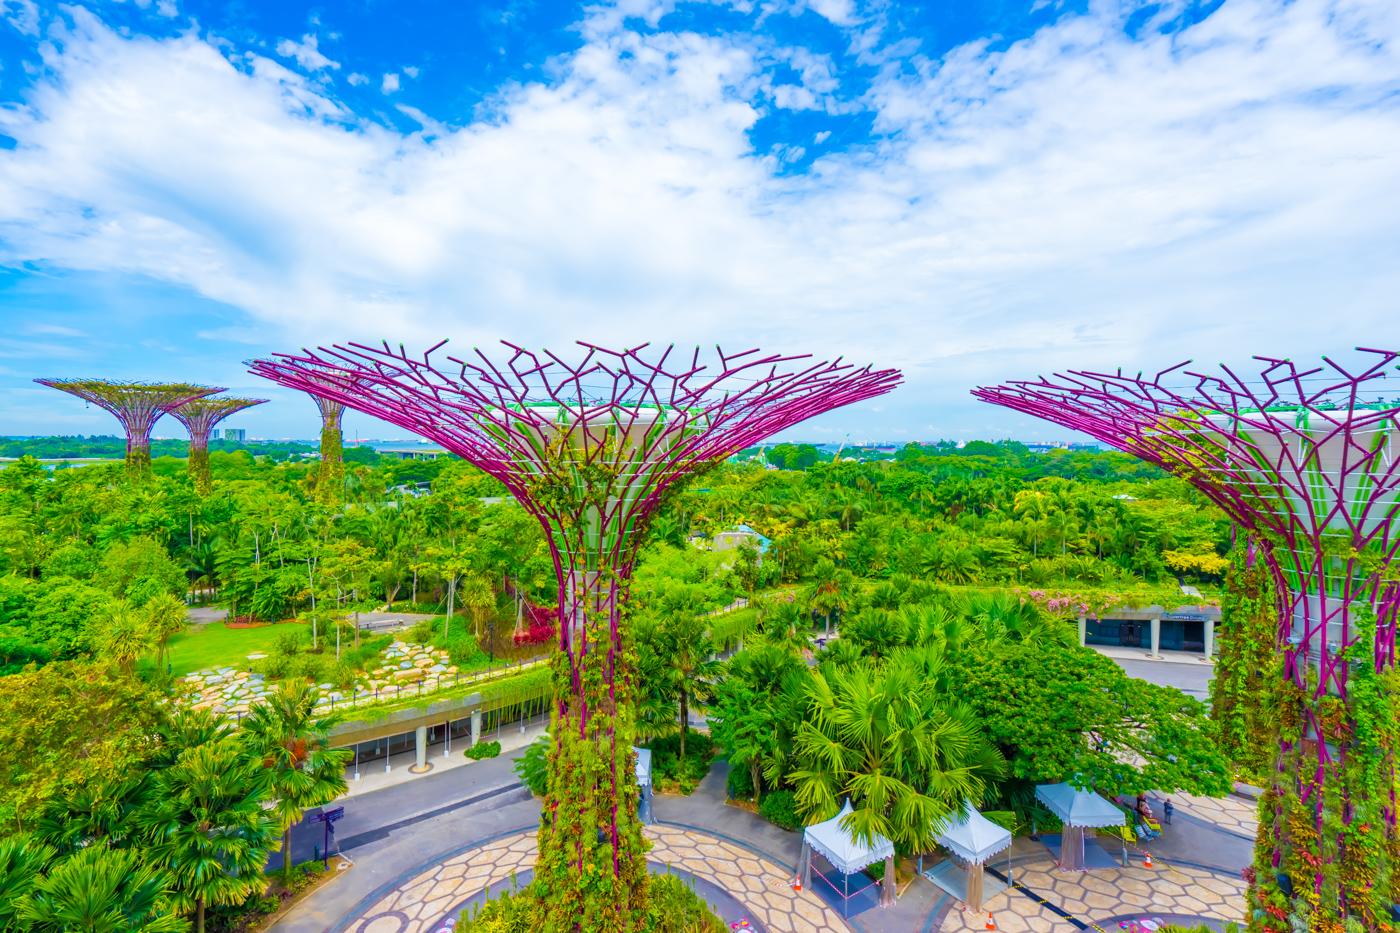 シンガポール ガーデンズ・バイ・ザ・ベイ アイキャッチ画像